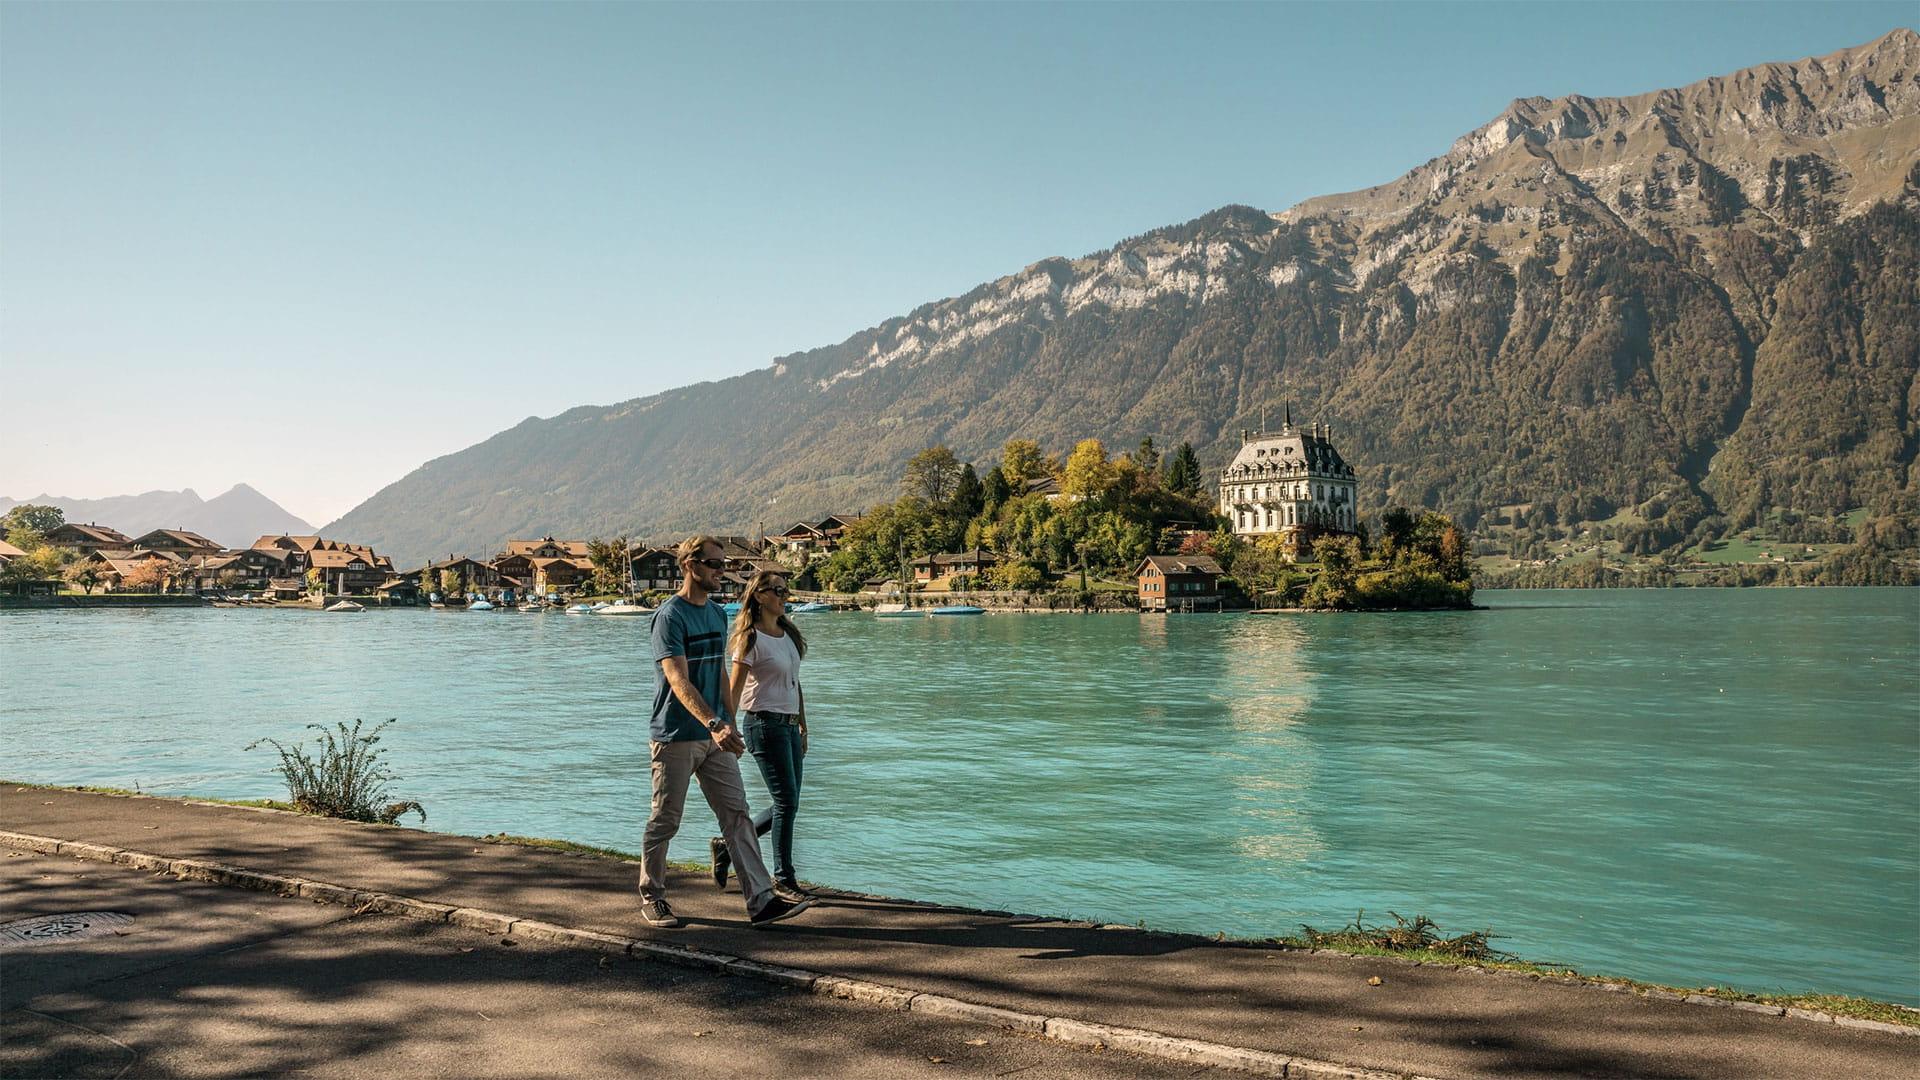 Uferweg Iseltwald-Giessbach, Brienzersee ©Markus Schluep, InterlakenTourismus